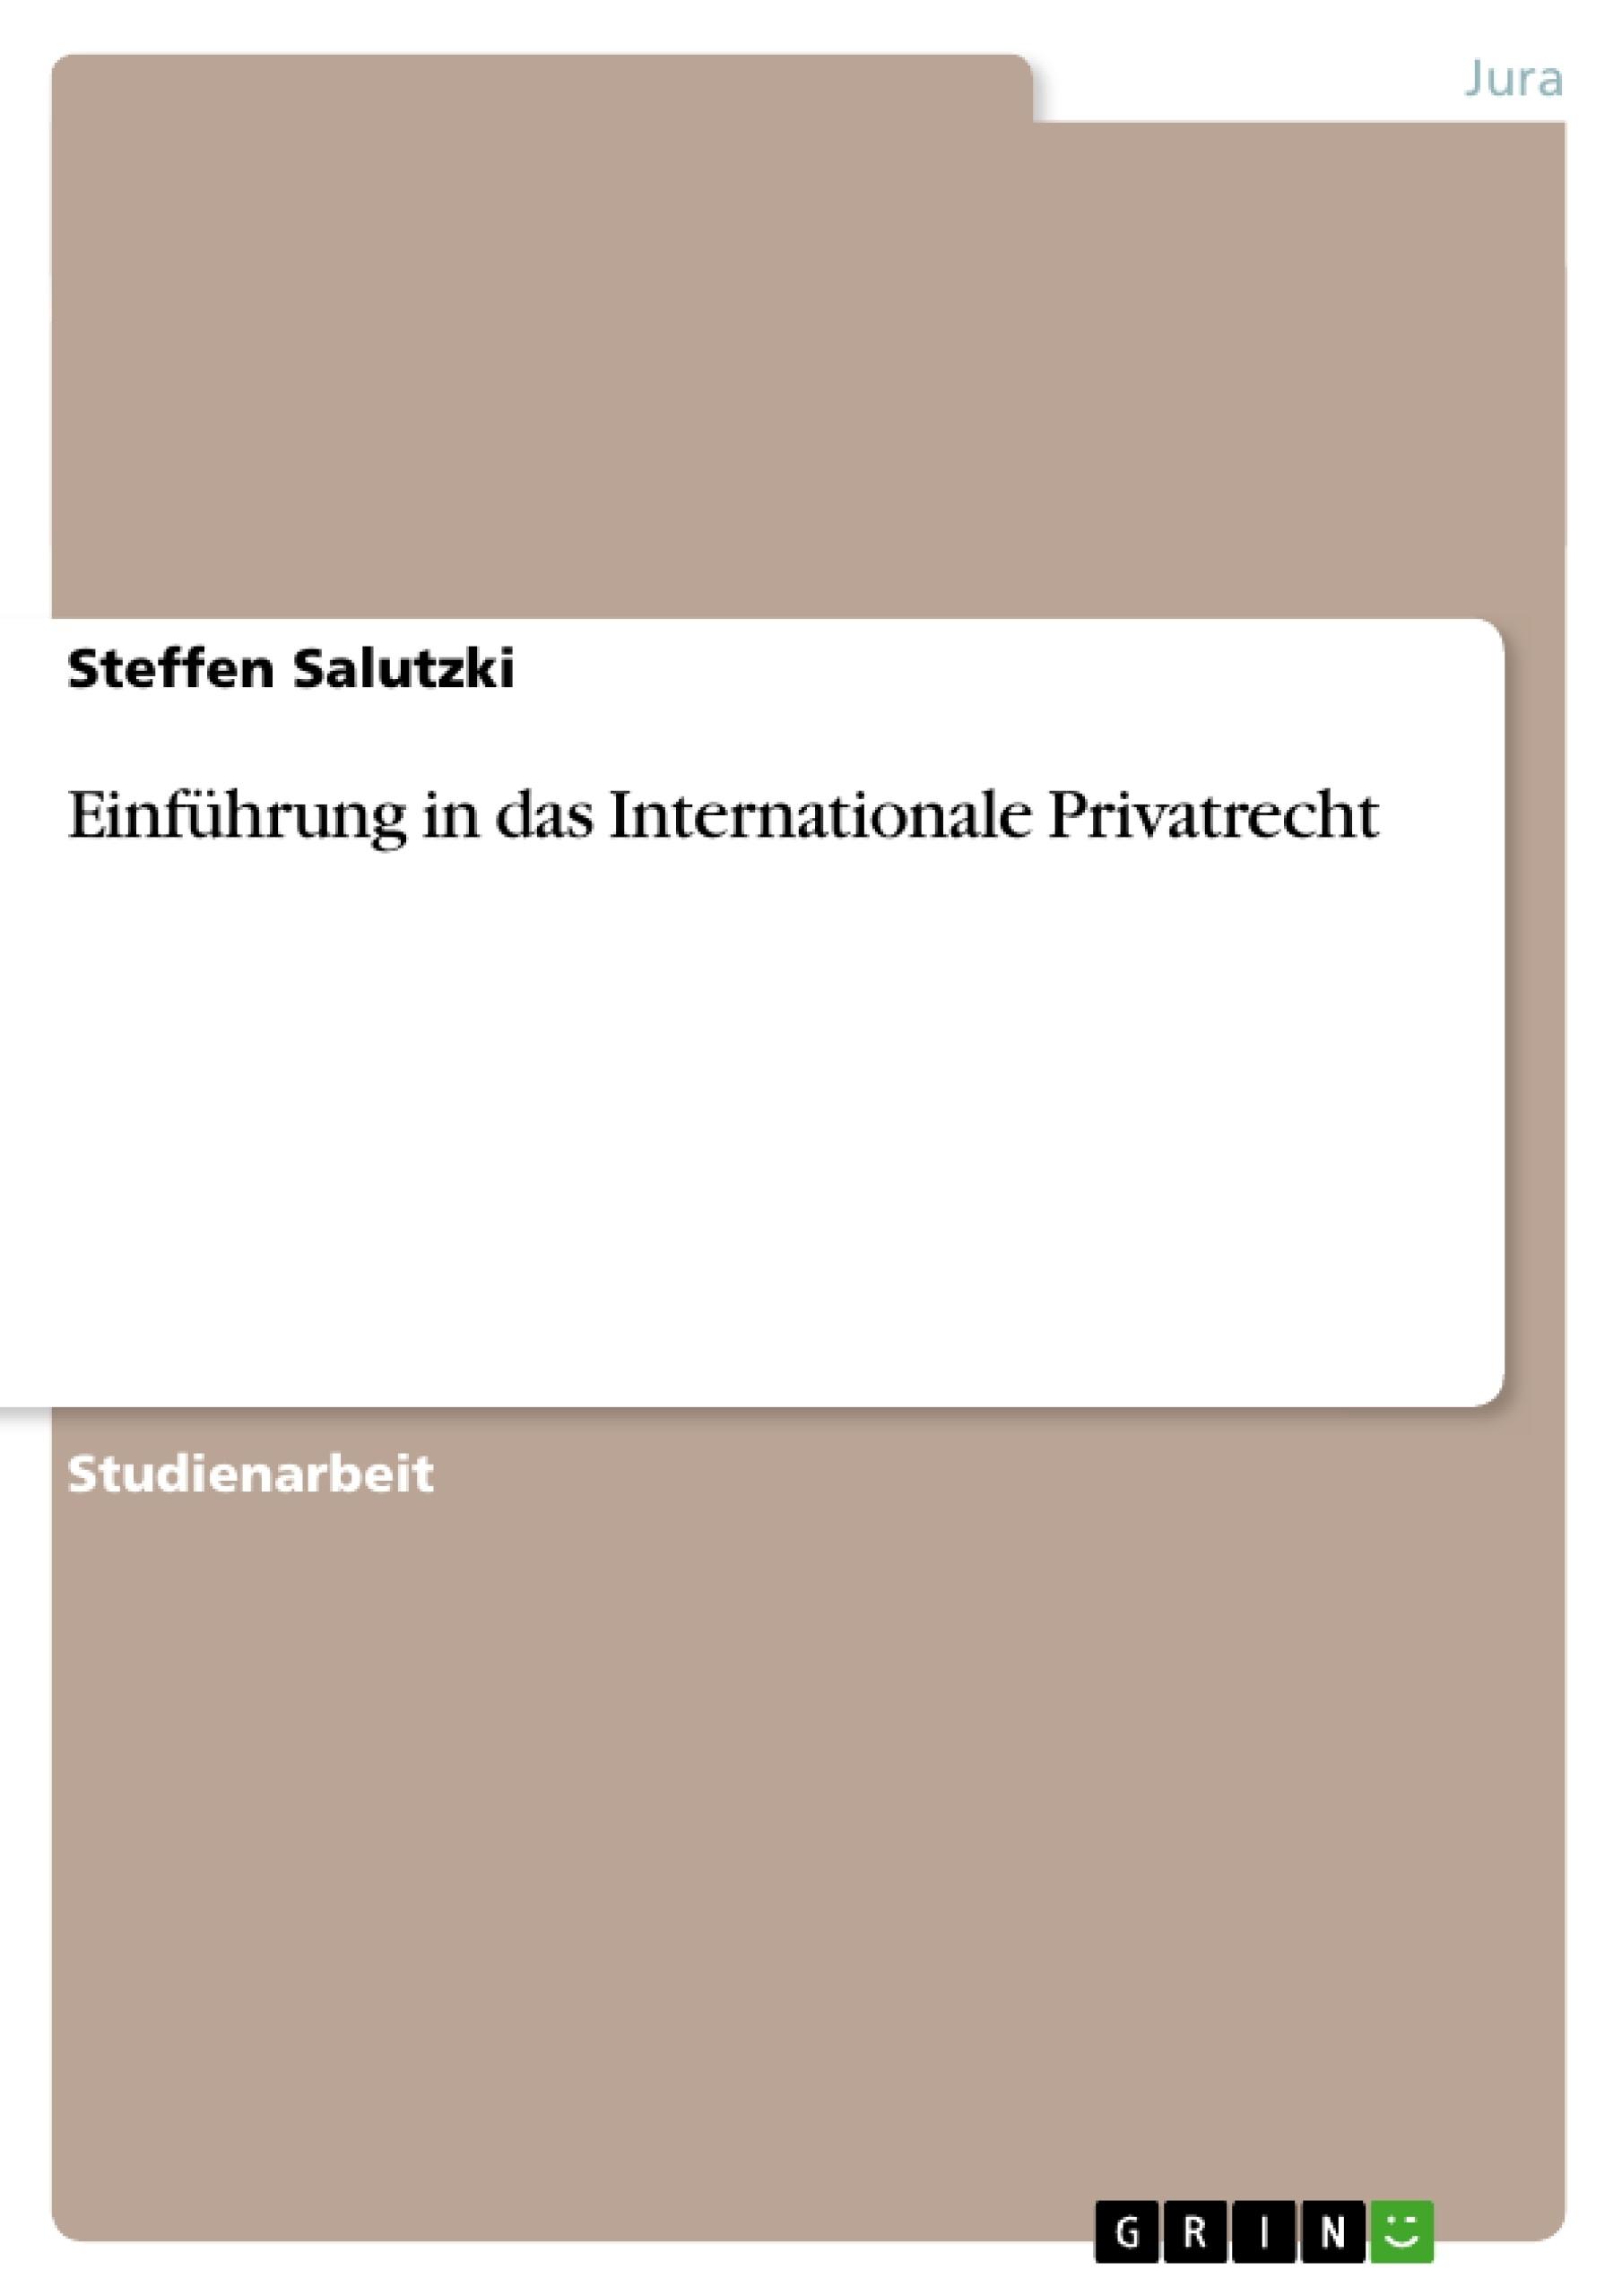 Titel: Einführung in das Internationale Privatrecht